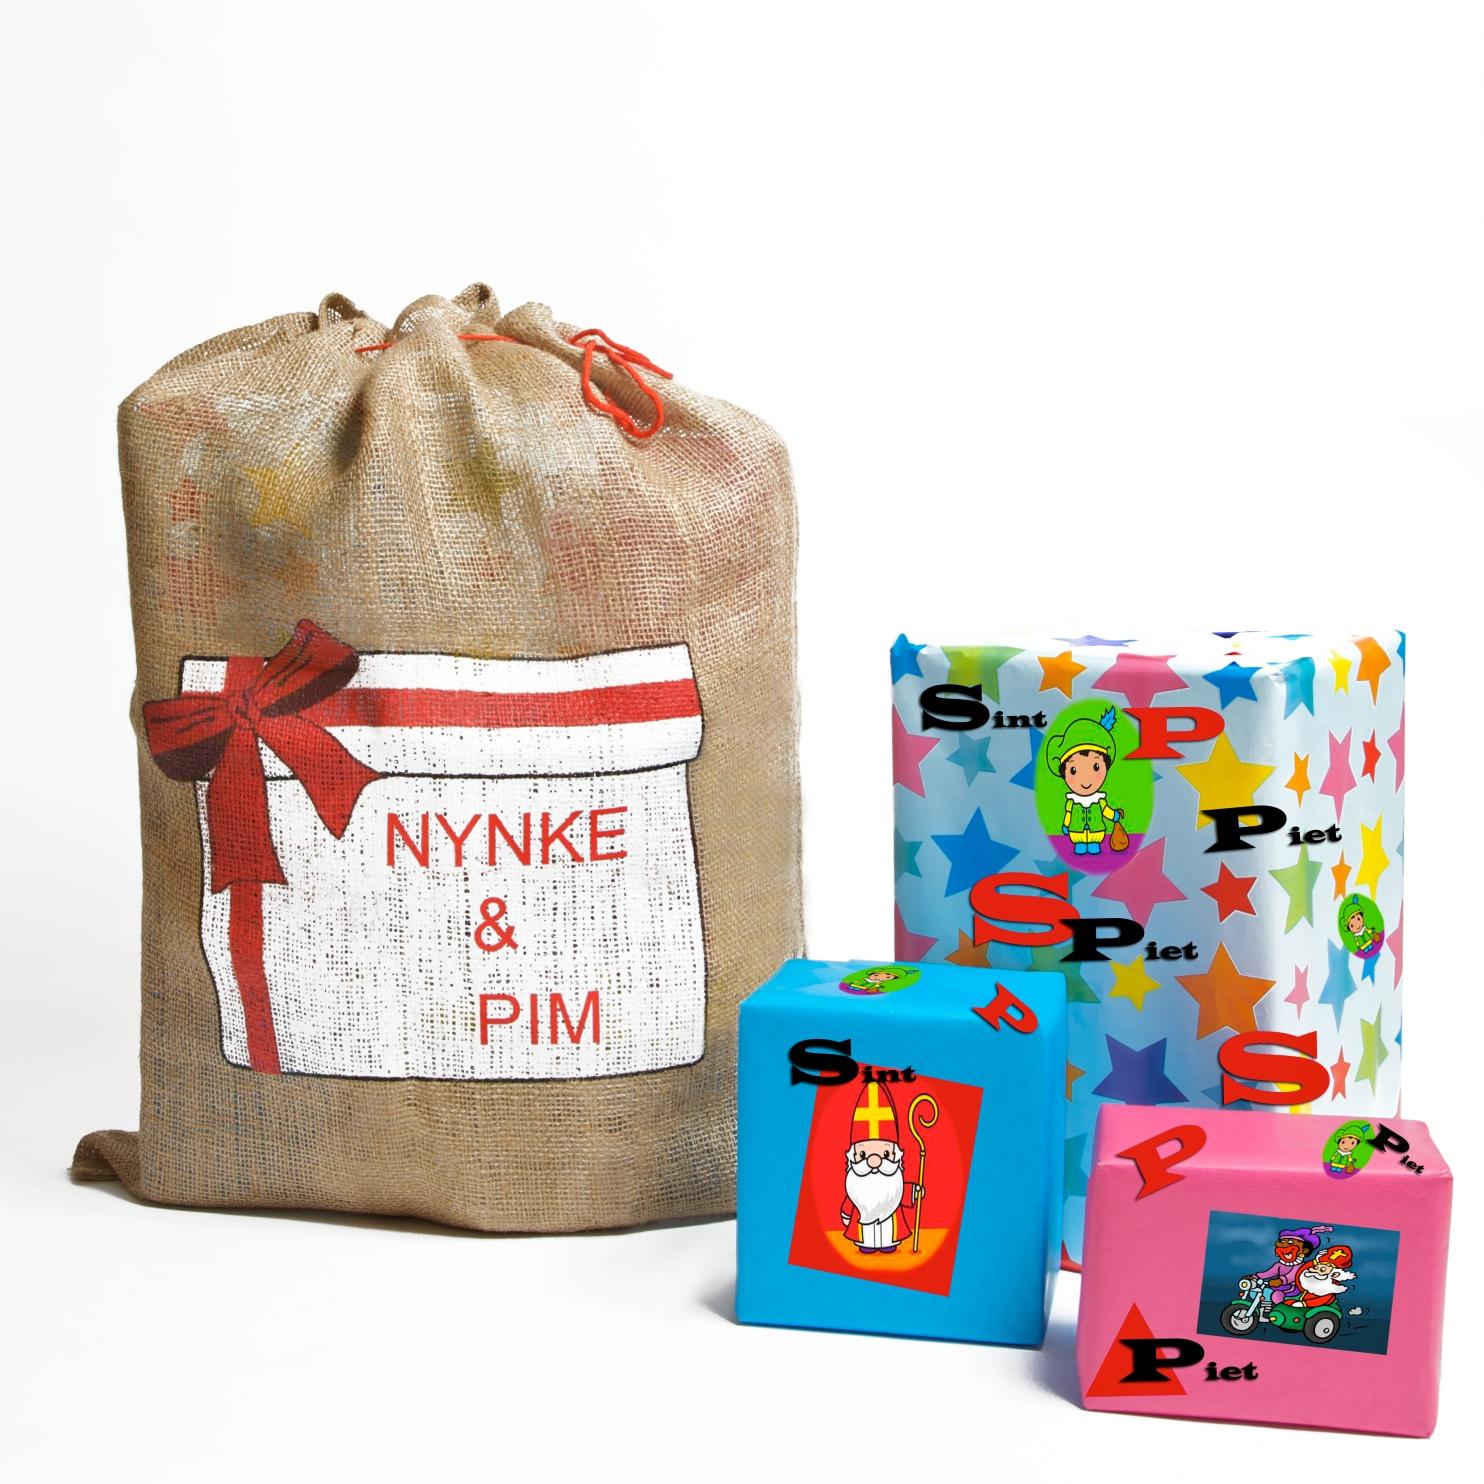 Sinterklaas productfoto's webshop